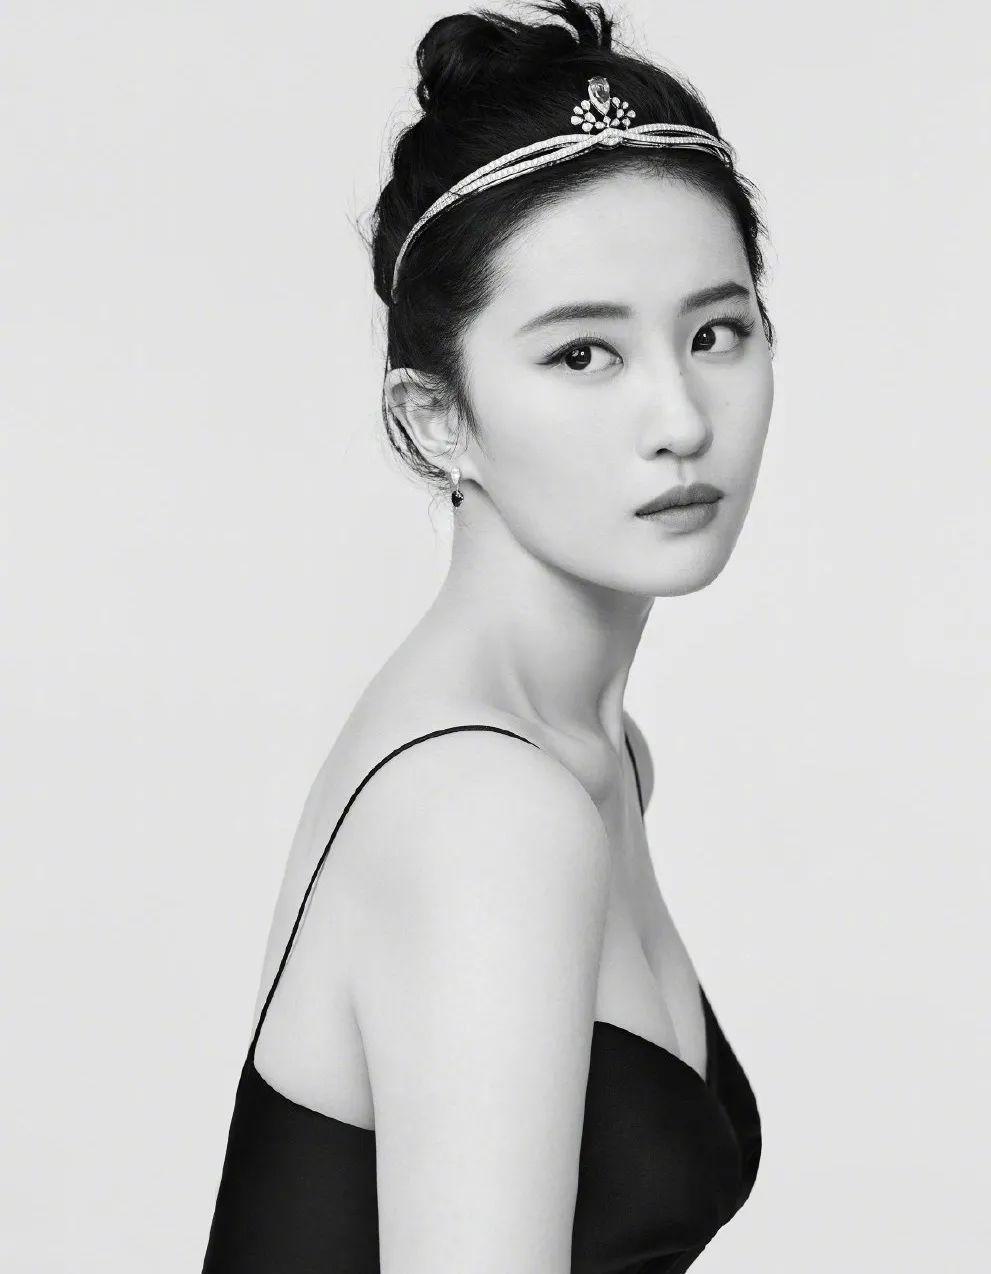 妹子写真 – 女王范的刘亦菲和傻白甜的赖美云,你更喜欢哪一位?_图片 No.8